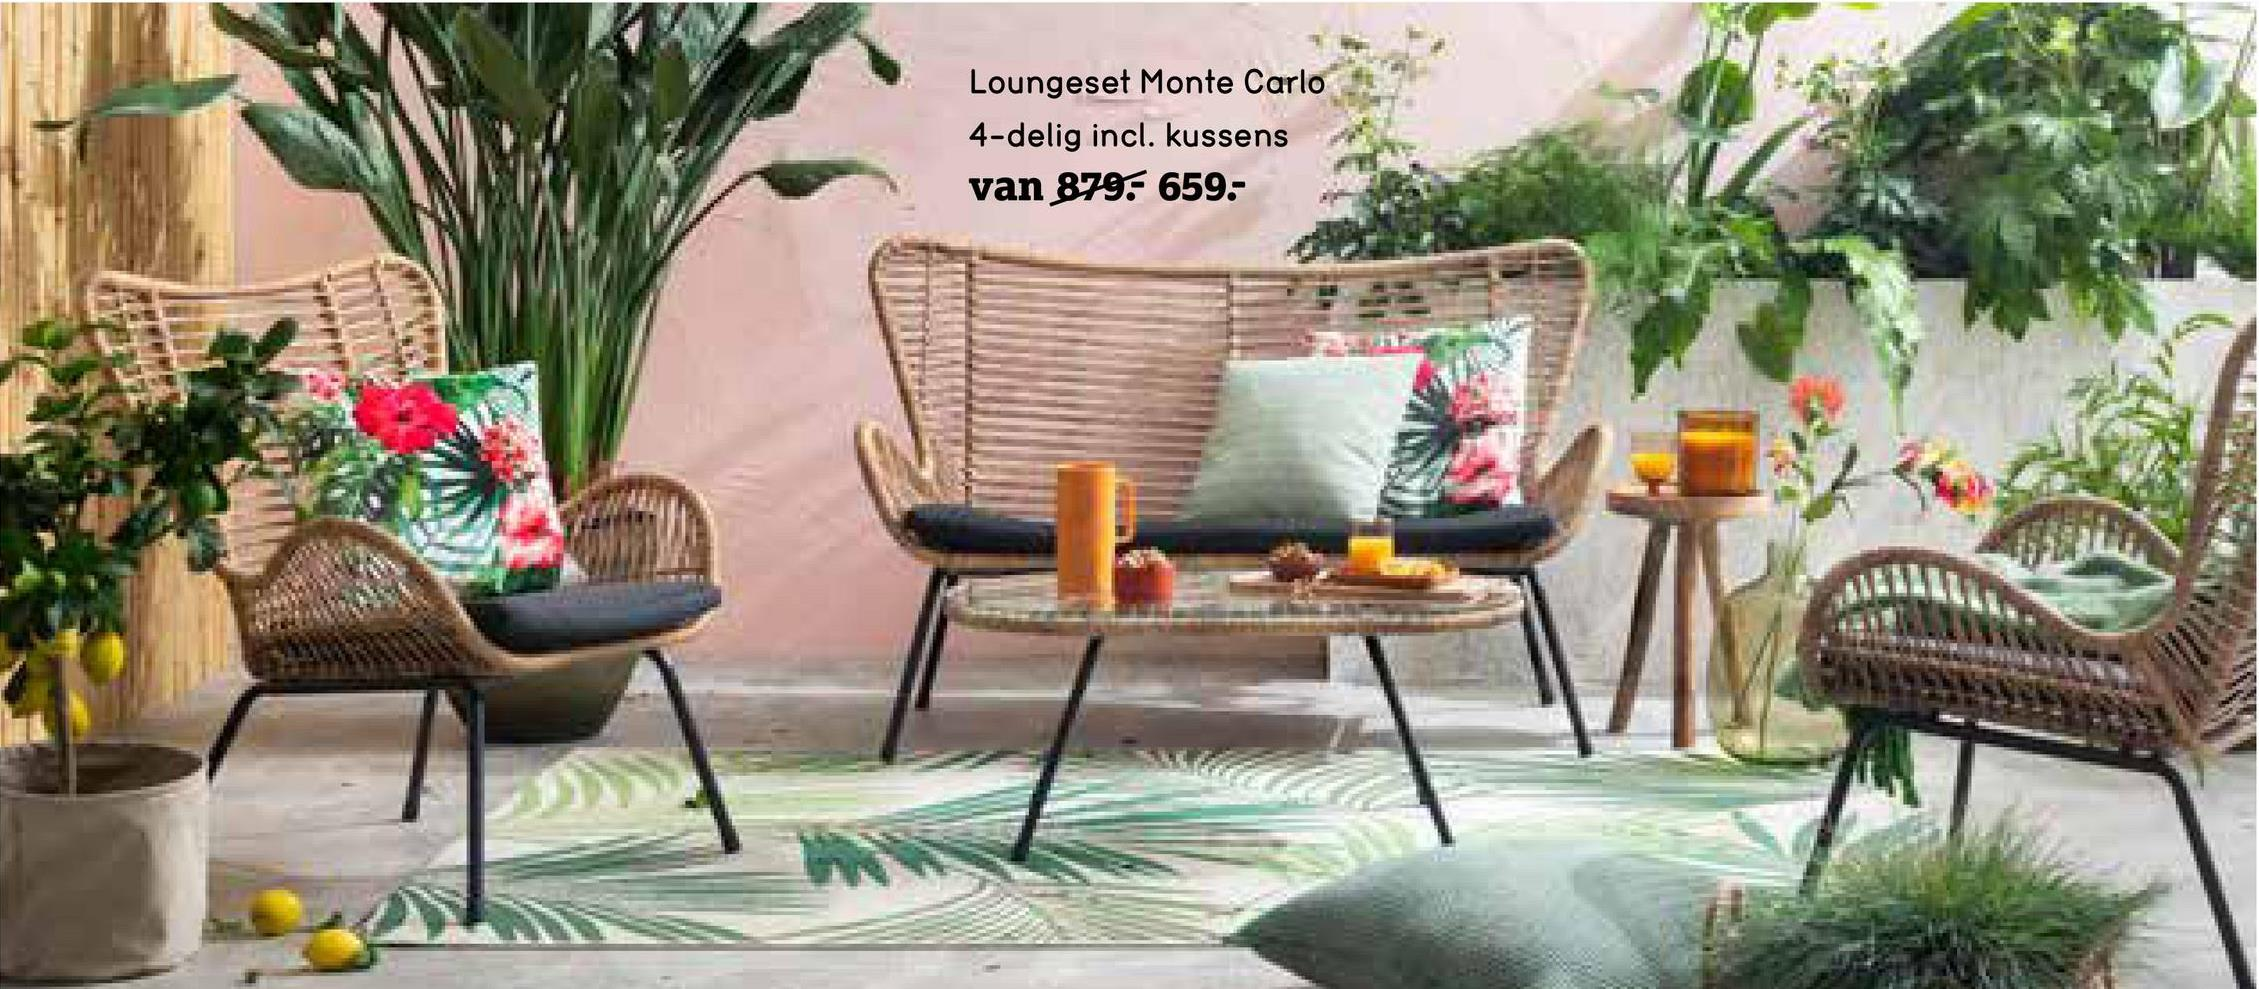 Le Sud loungeset Monte Carlo - zwart - 4-delig - Leen Bakker Le Sud loungeset Monte Carlo is een 4-delige set bestaande uit twee loungefauteuils, een loungezetel en een bijzettafeltje. Deze trendy set is van het merk Le Sud.